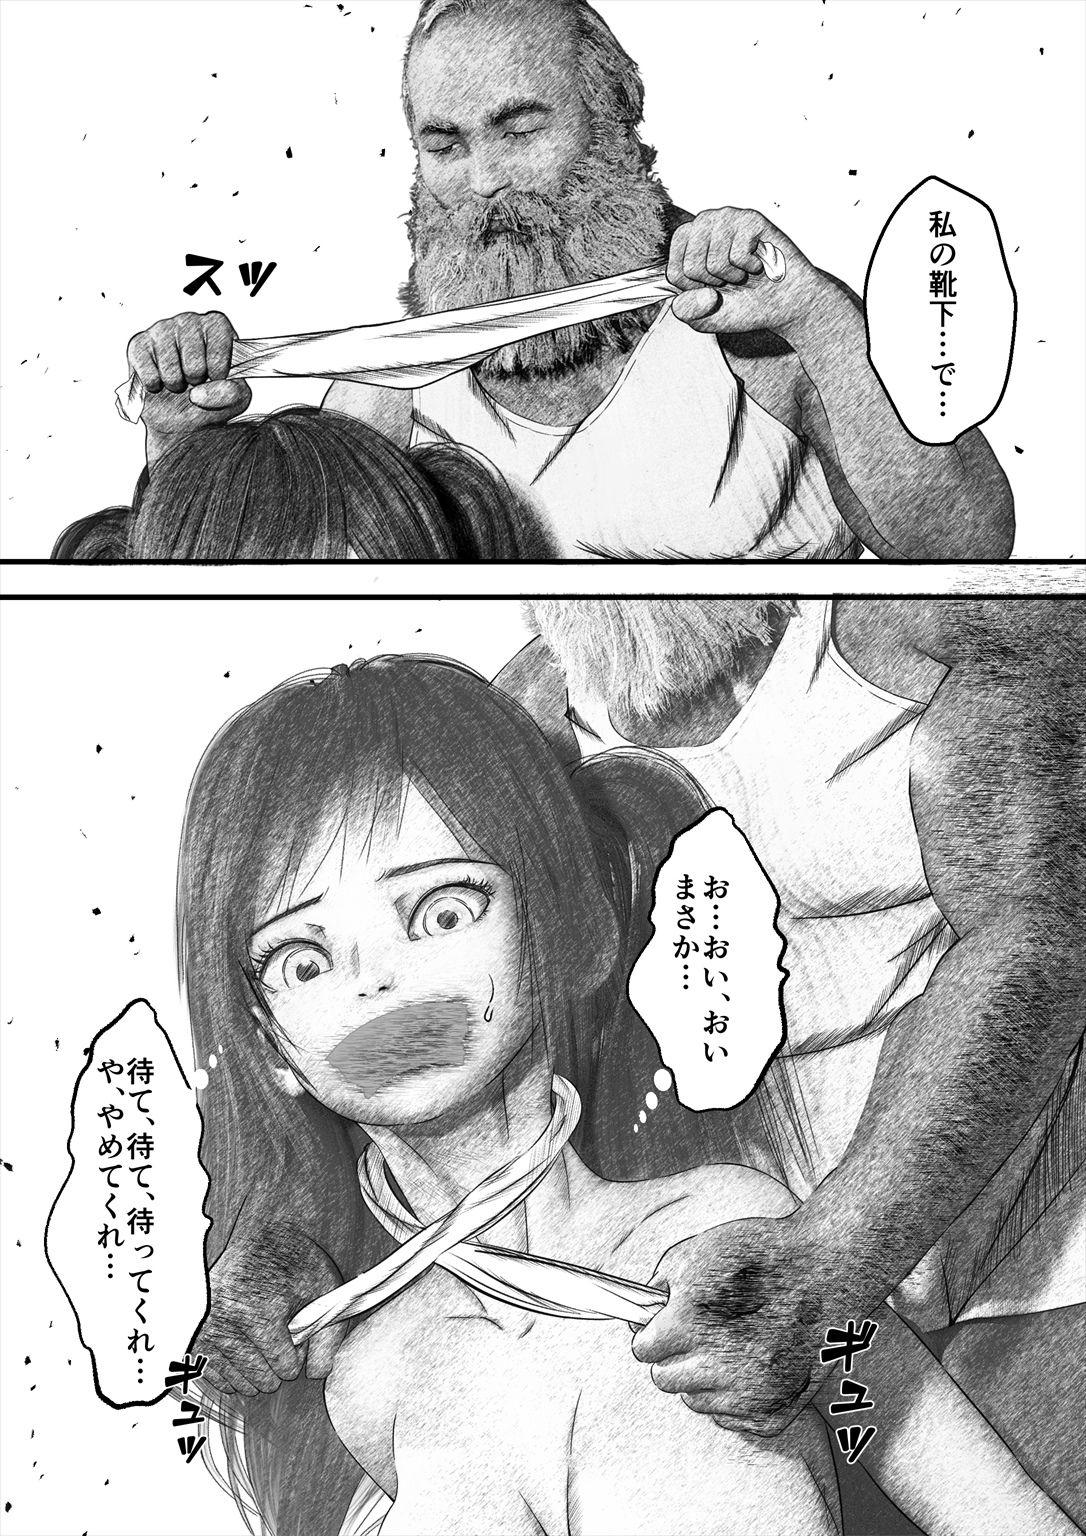 首絞め!スナッフ・ムービー/comic